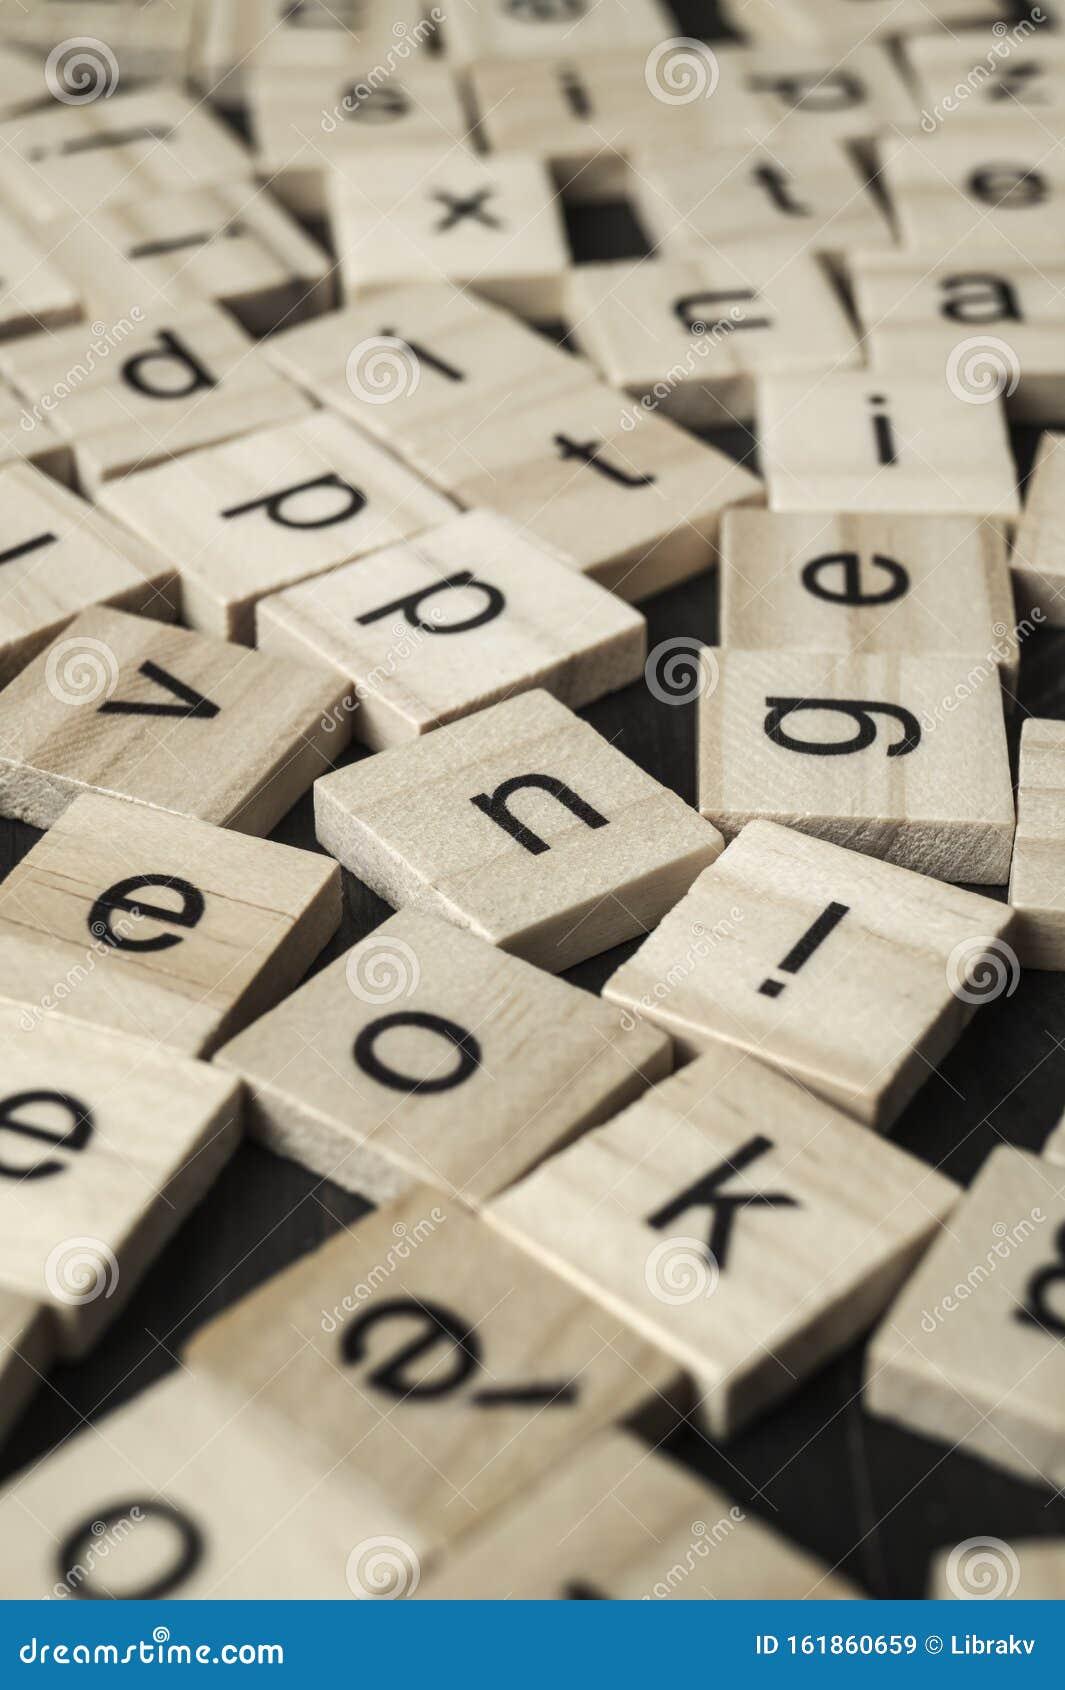 Alphabet letters on wooden scrabble pieces